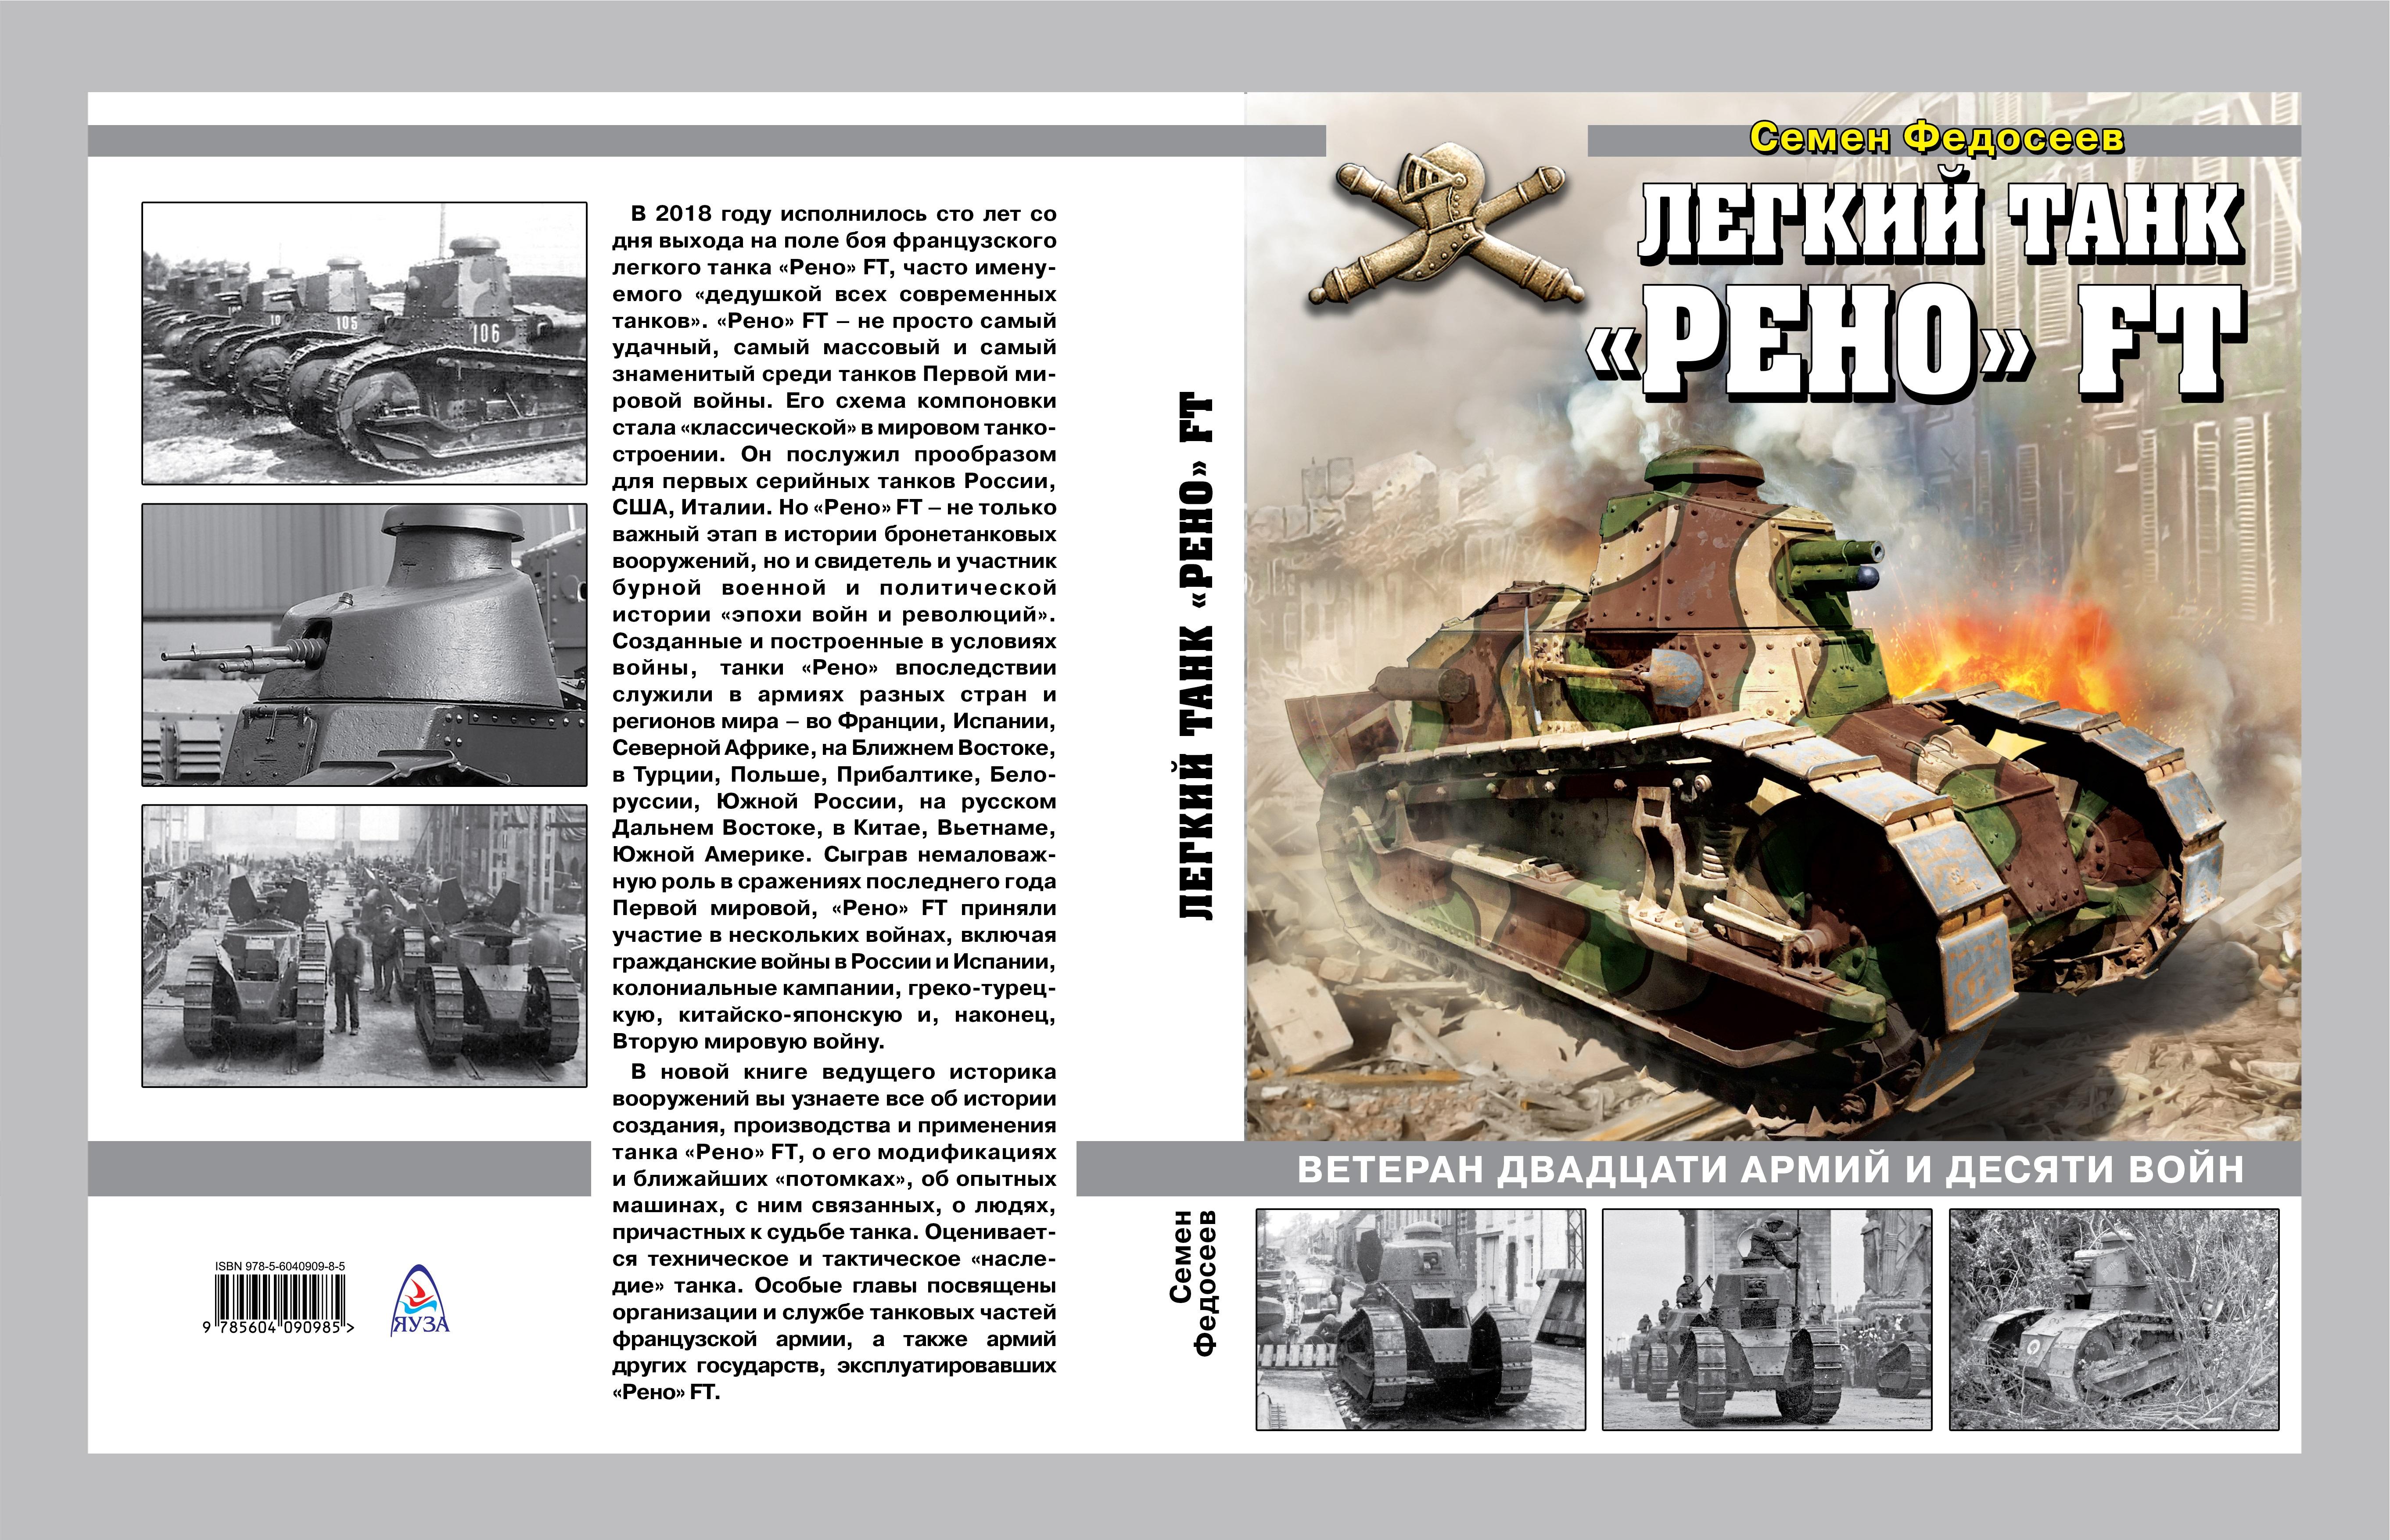 Федосеев С. Легкий танк «» FT. Ветеран двадцати армий и десяти войн.